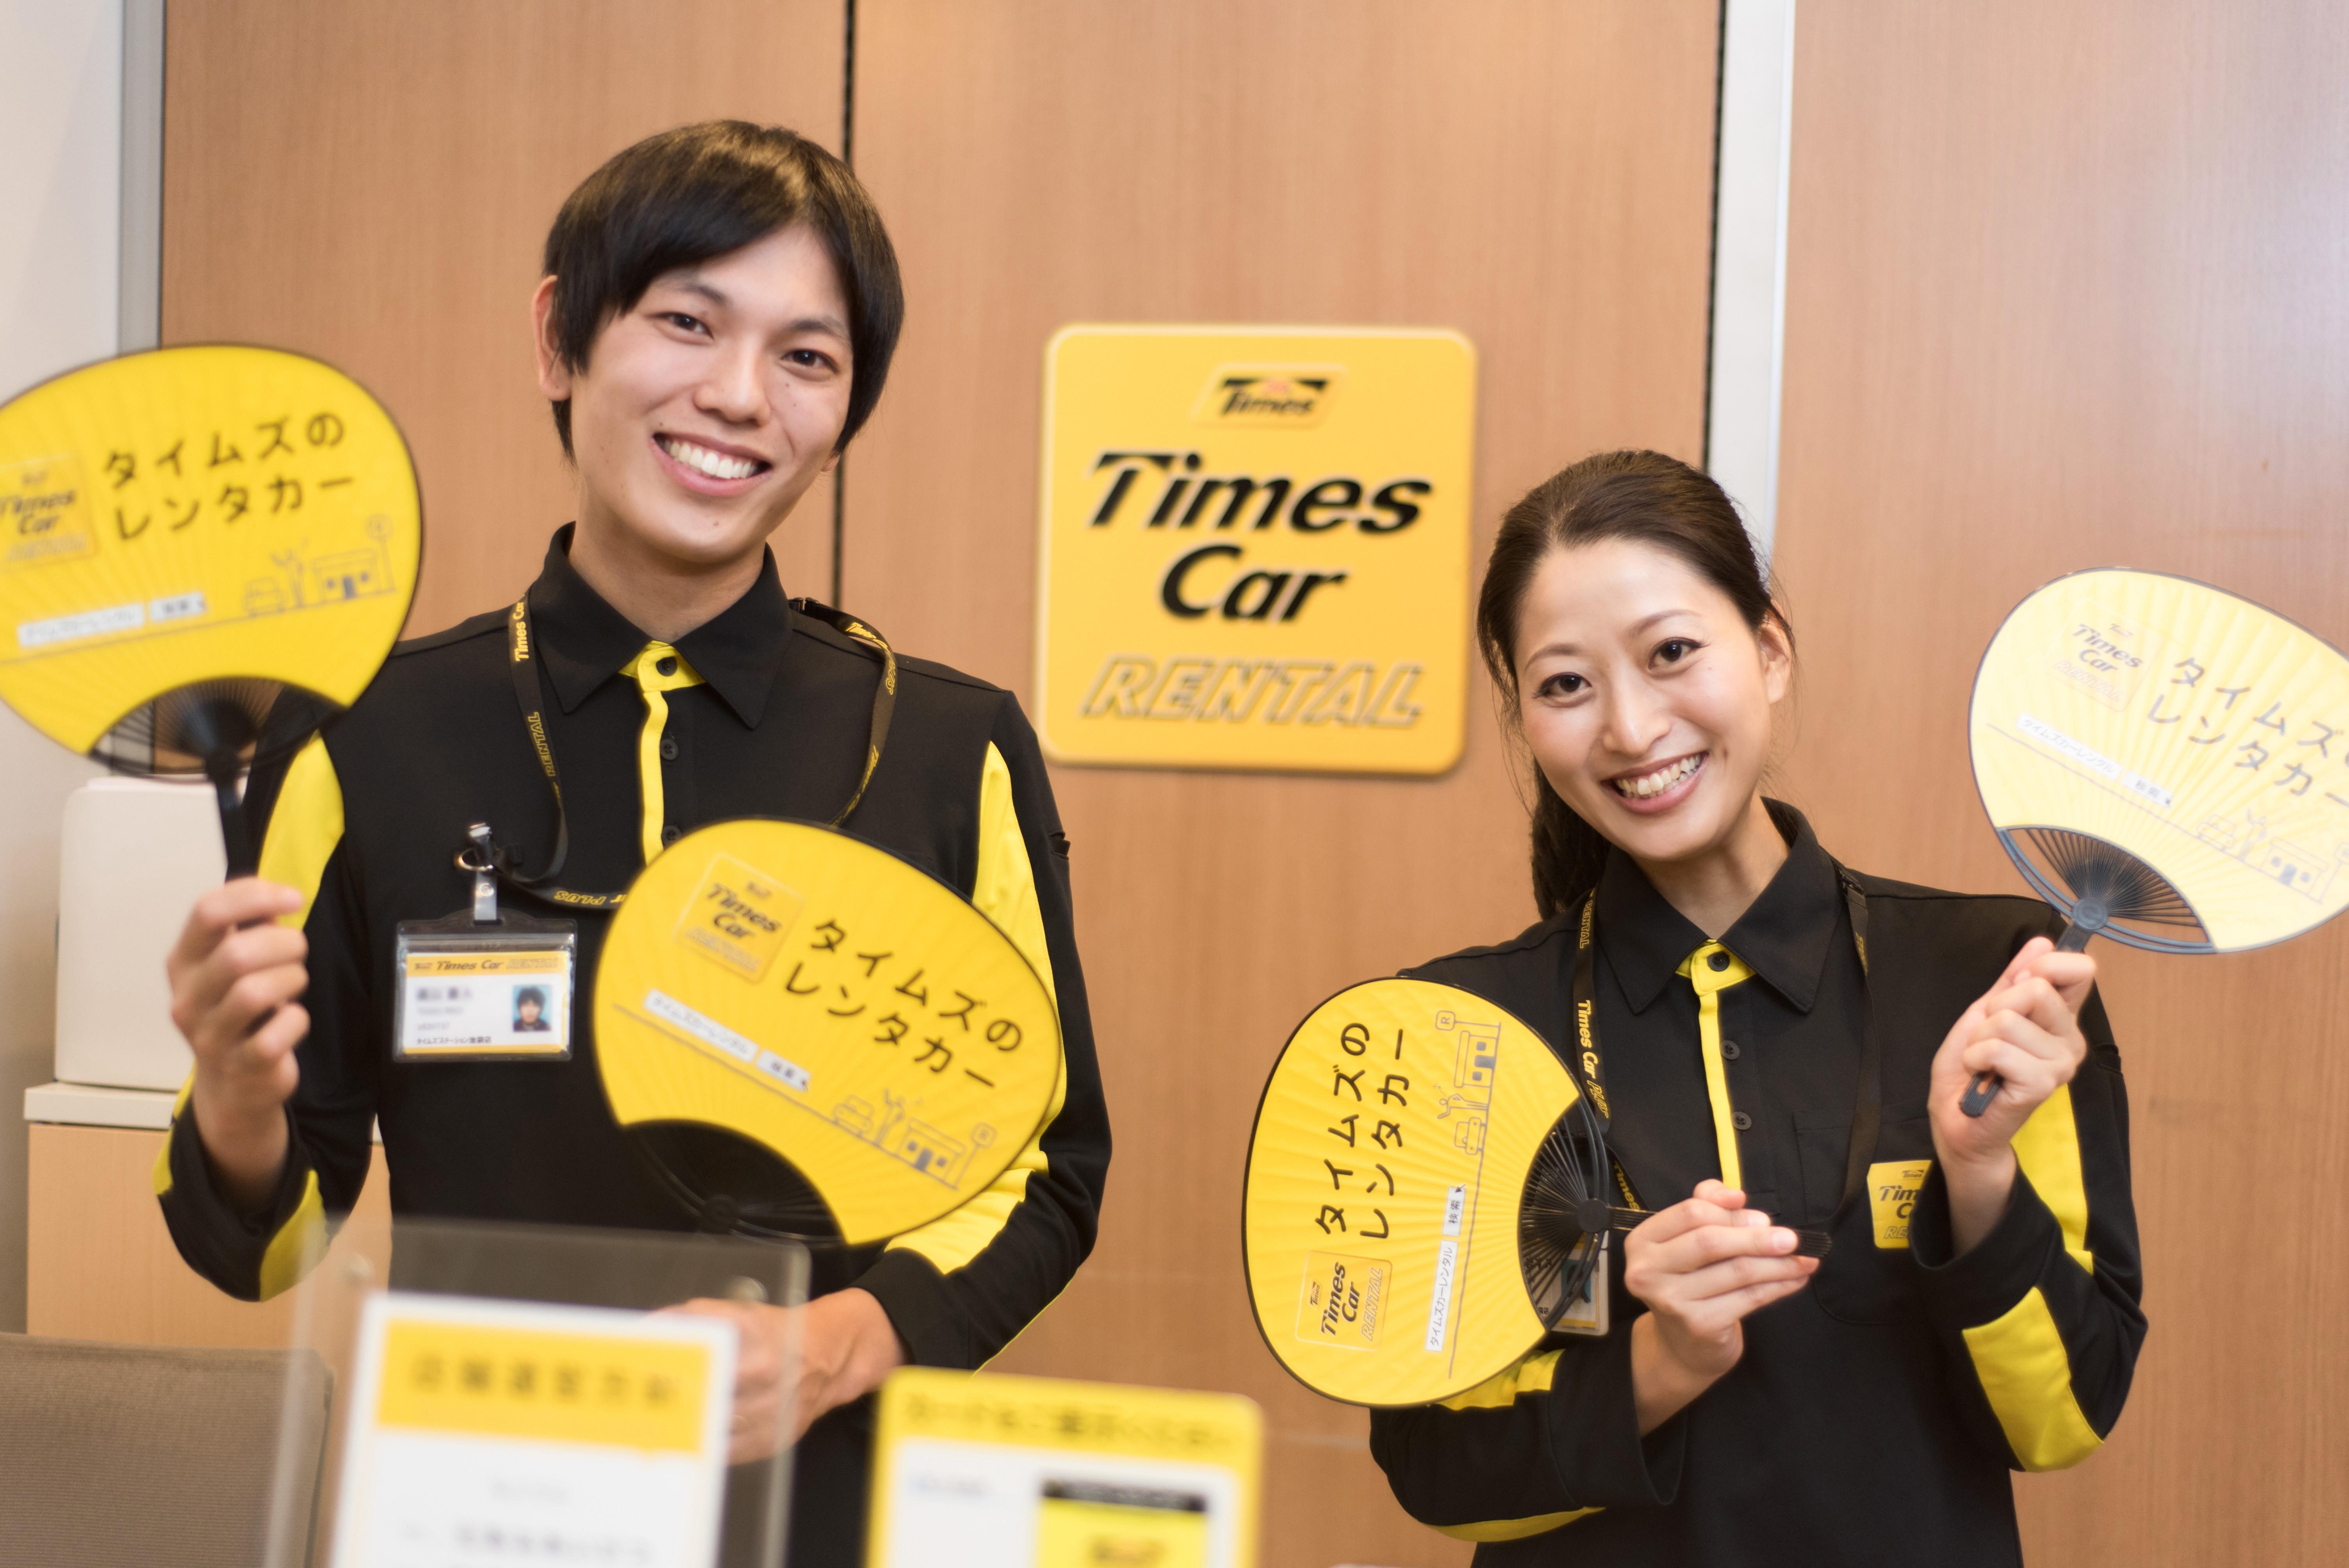 タイムズカーレンタル 長崎駅前通り店 のアルバイト情報